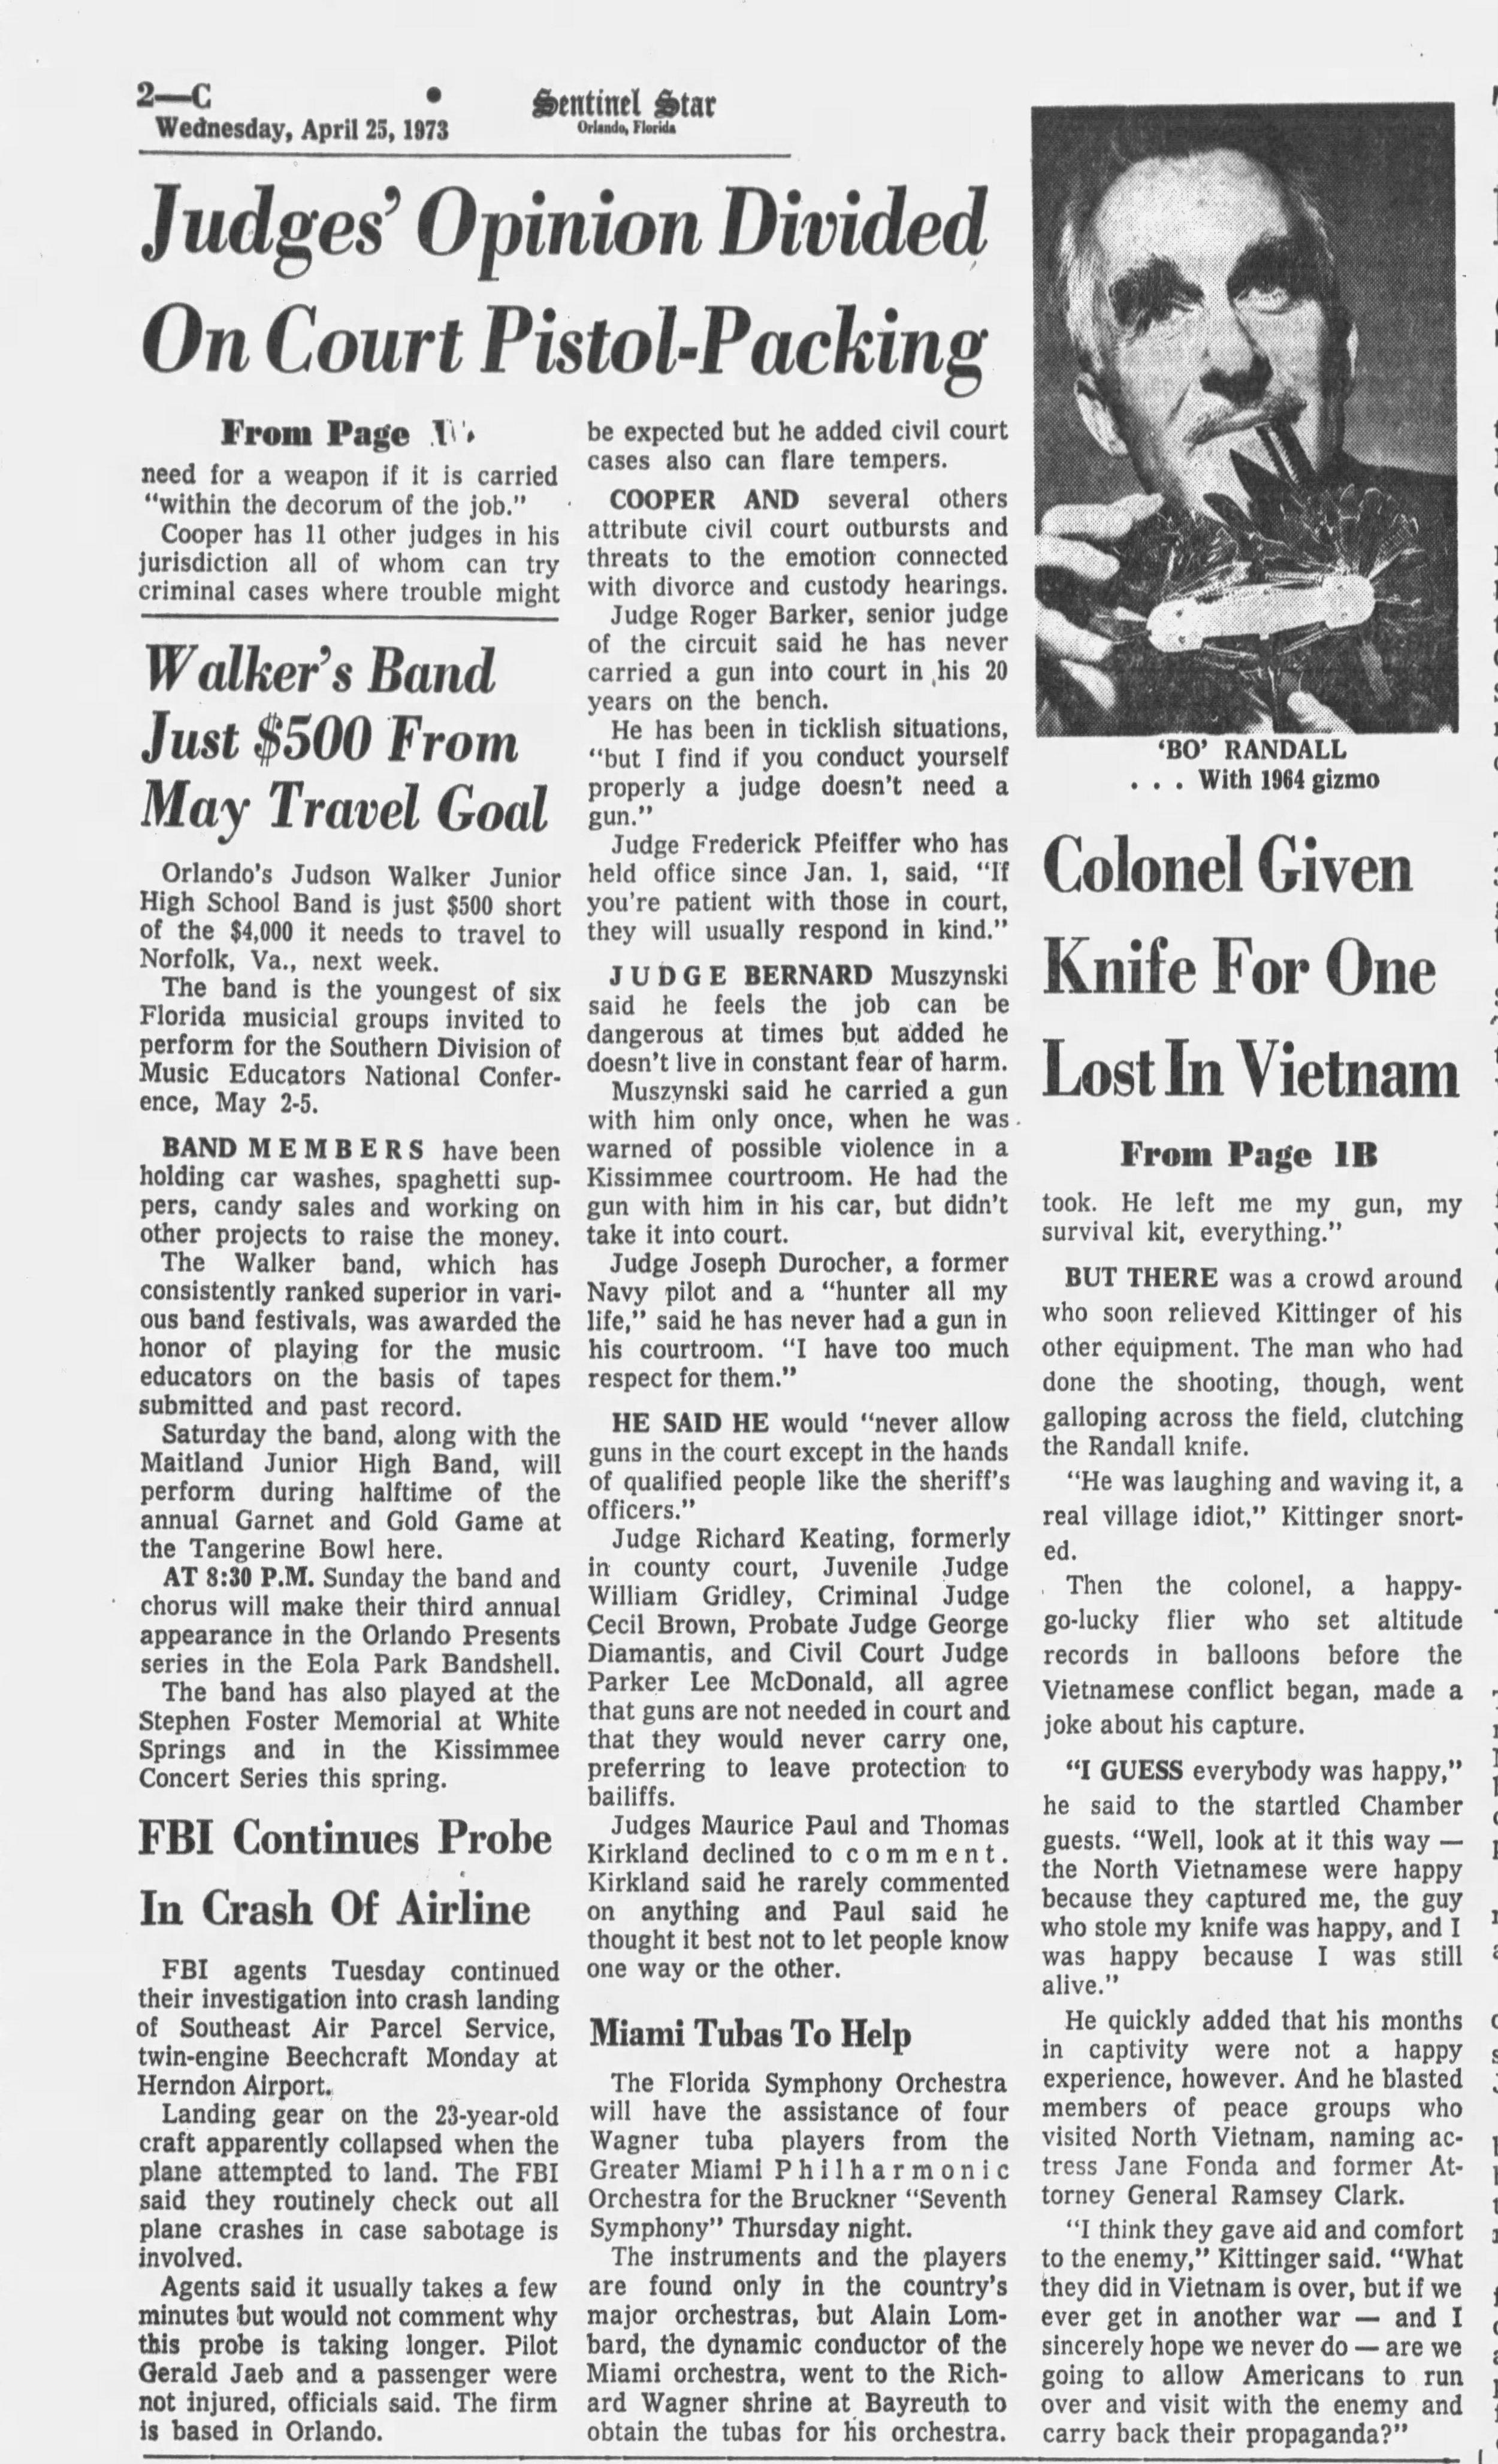 The_Orlando_Sentinel_Wed__Apr_25__1973_ (1).jpg